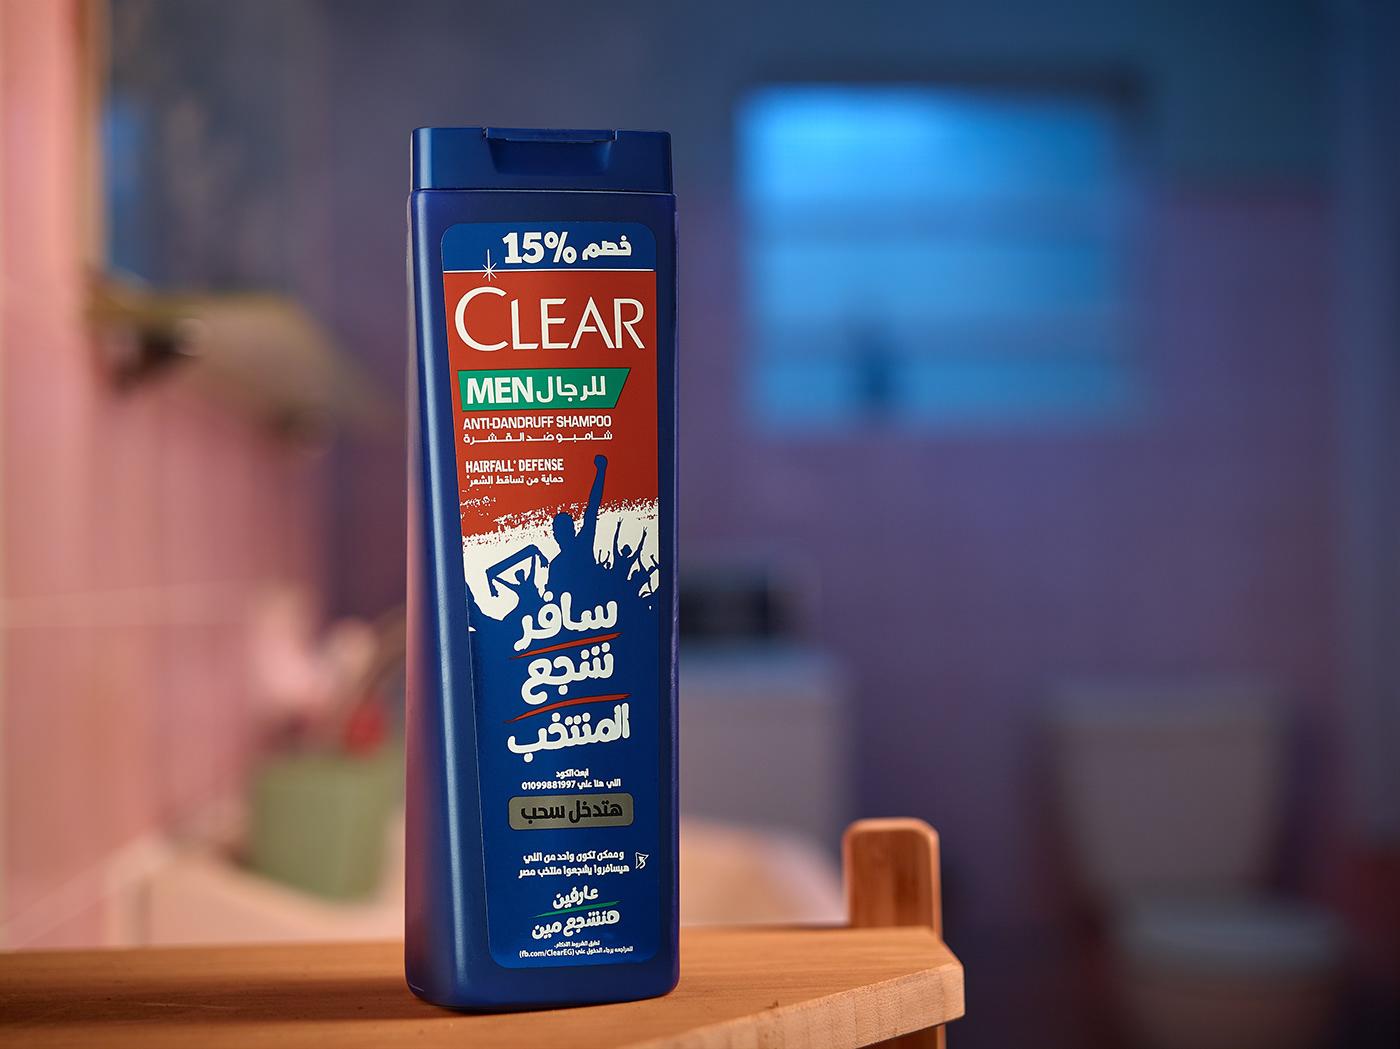 Clear Shampoo / фото Ayman Abbas